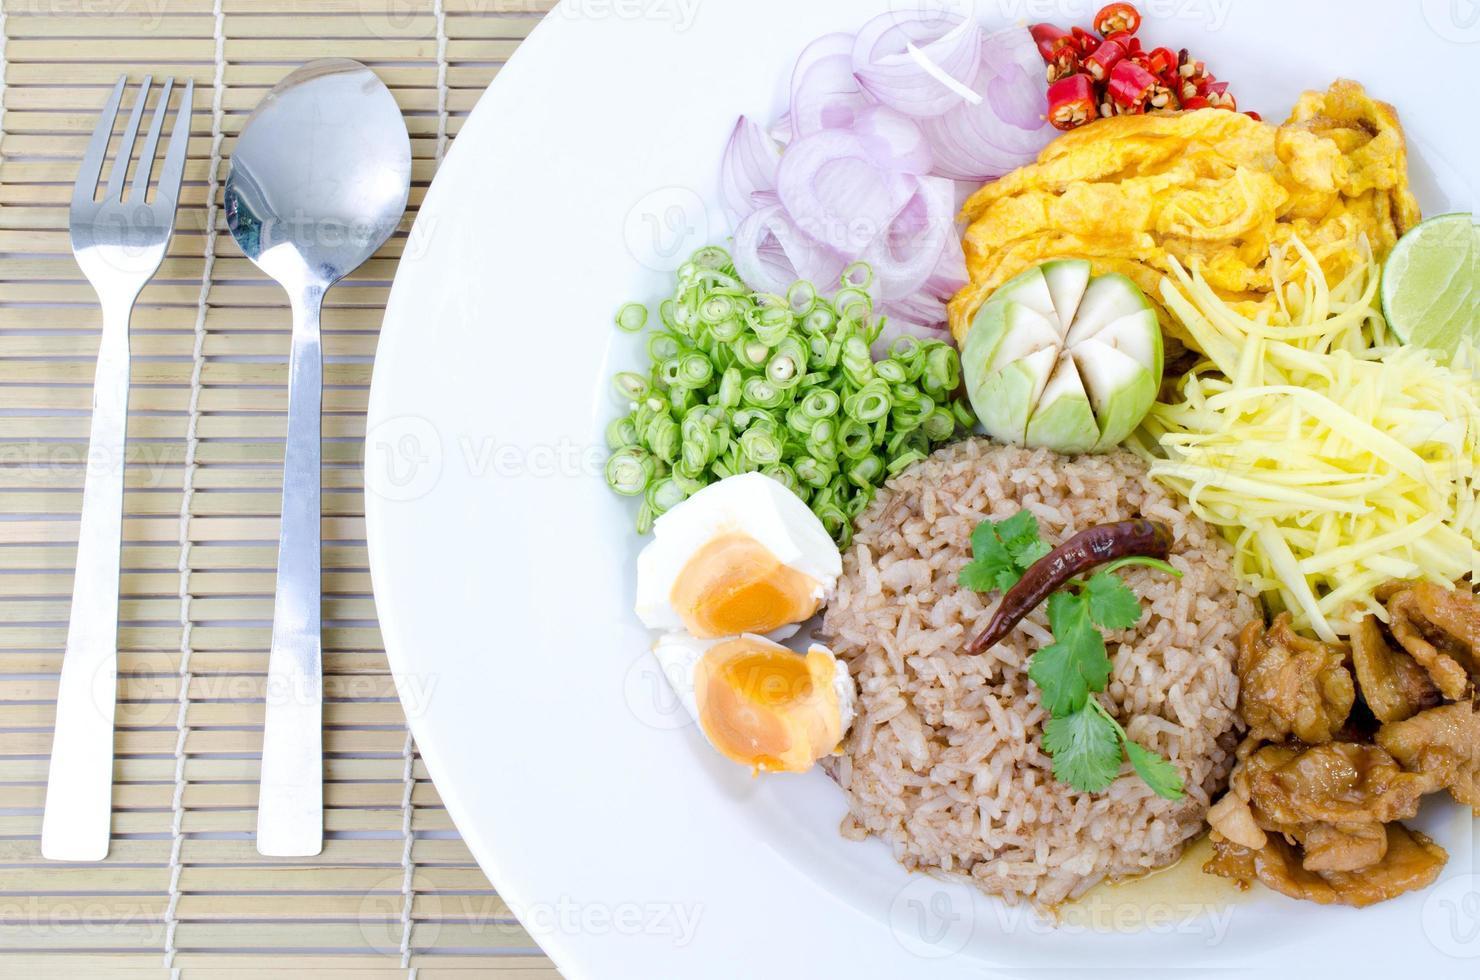 frite o arroz com a pasta de camarão, comida tailandesa foto